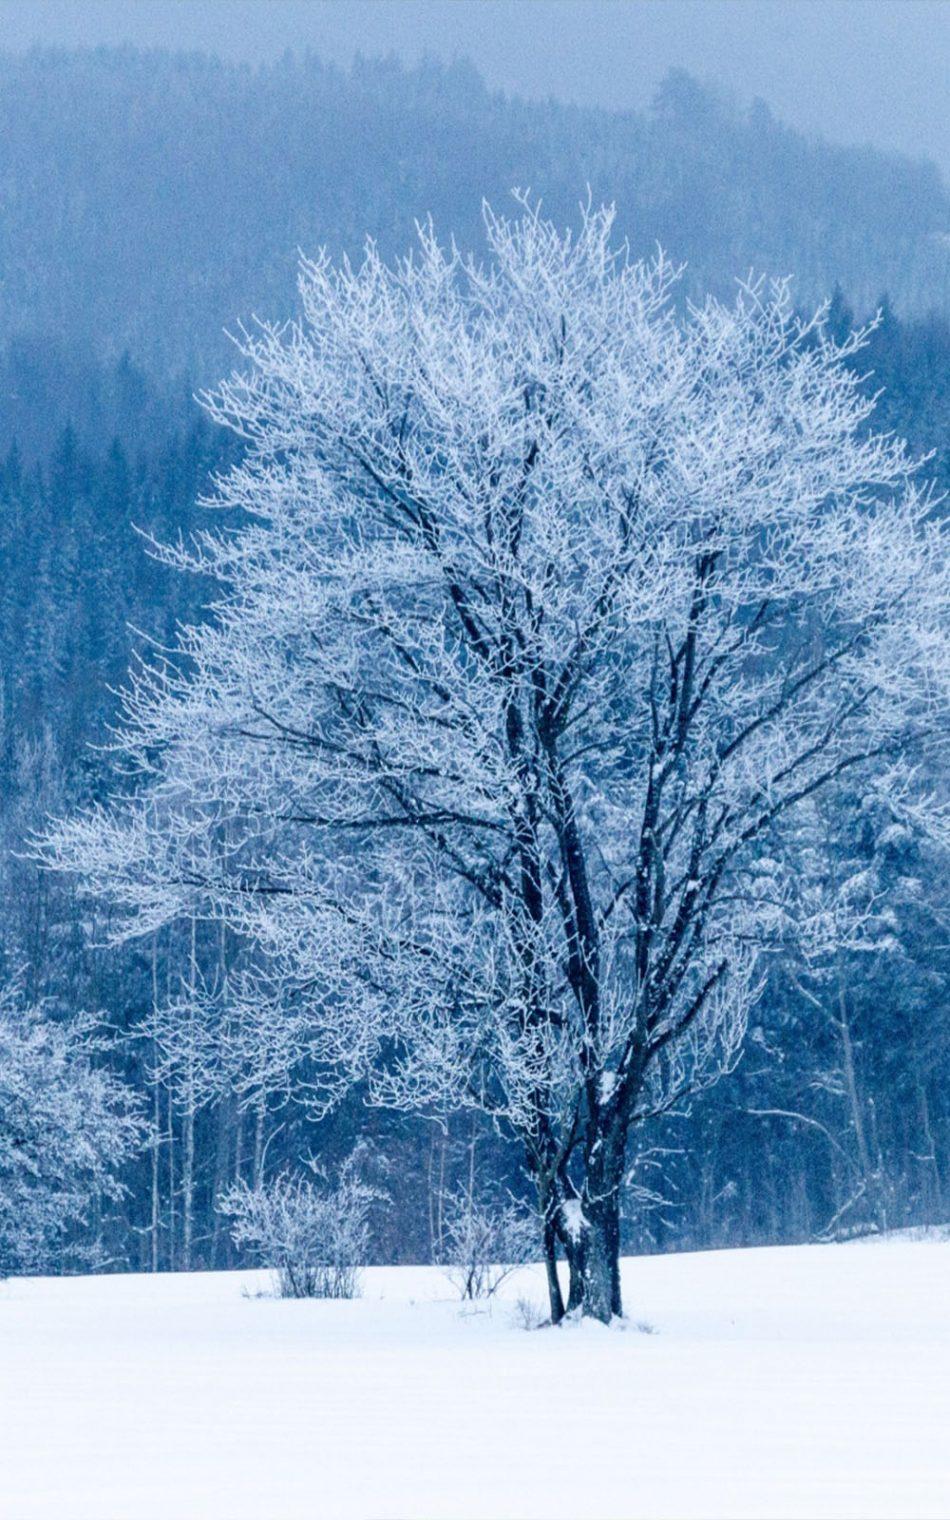 Frozen Tree Snow Winter HD Mobile Wallpaper